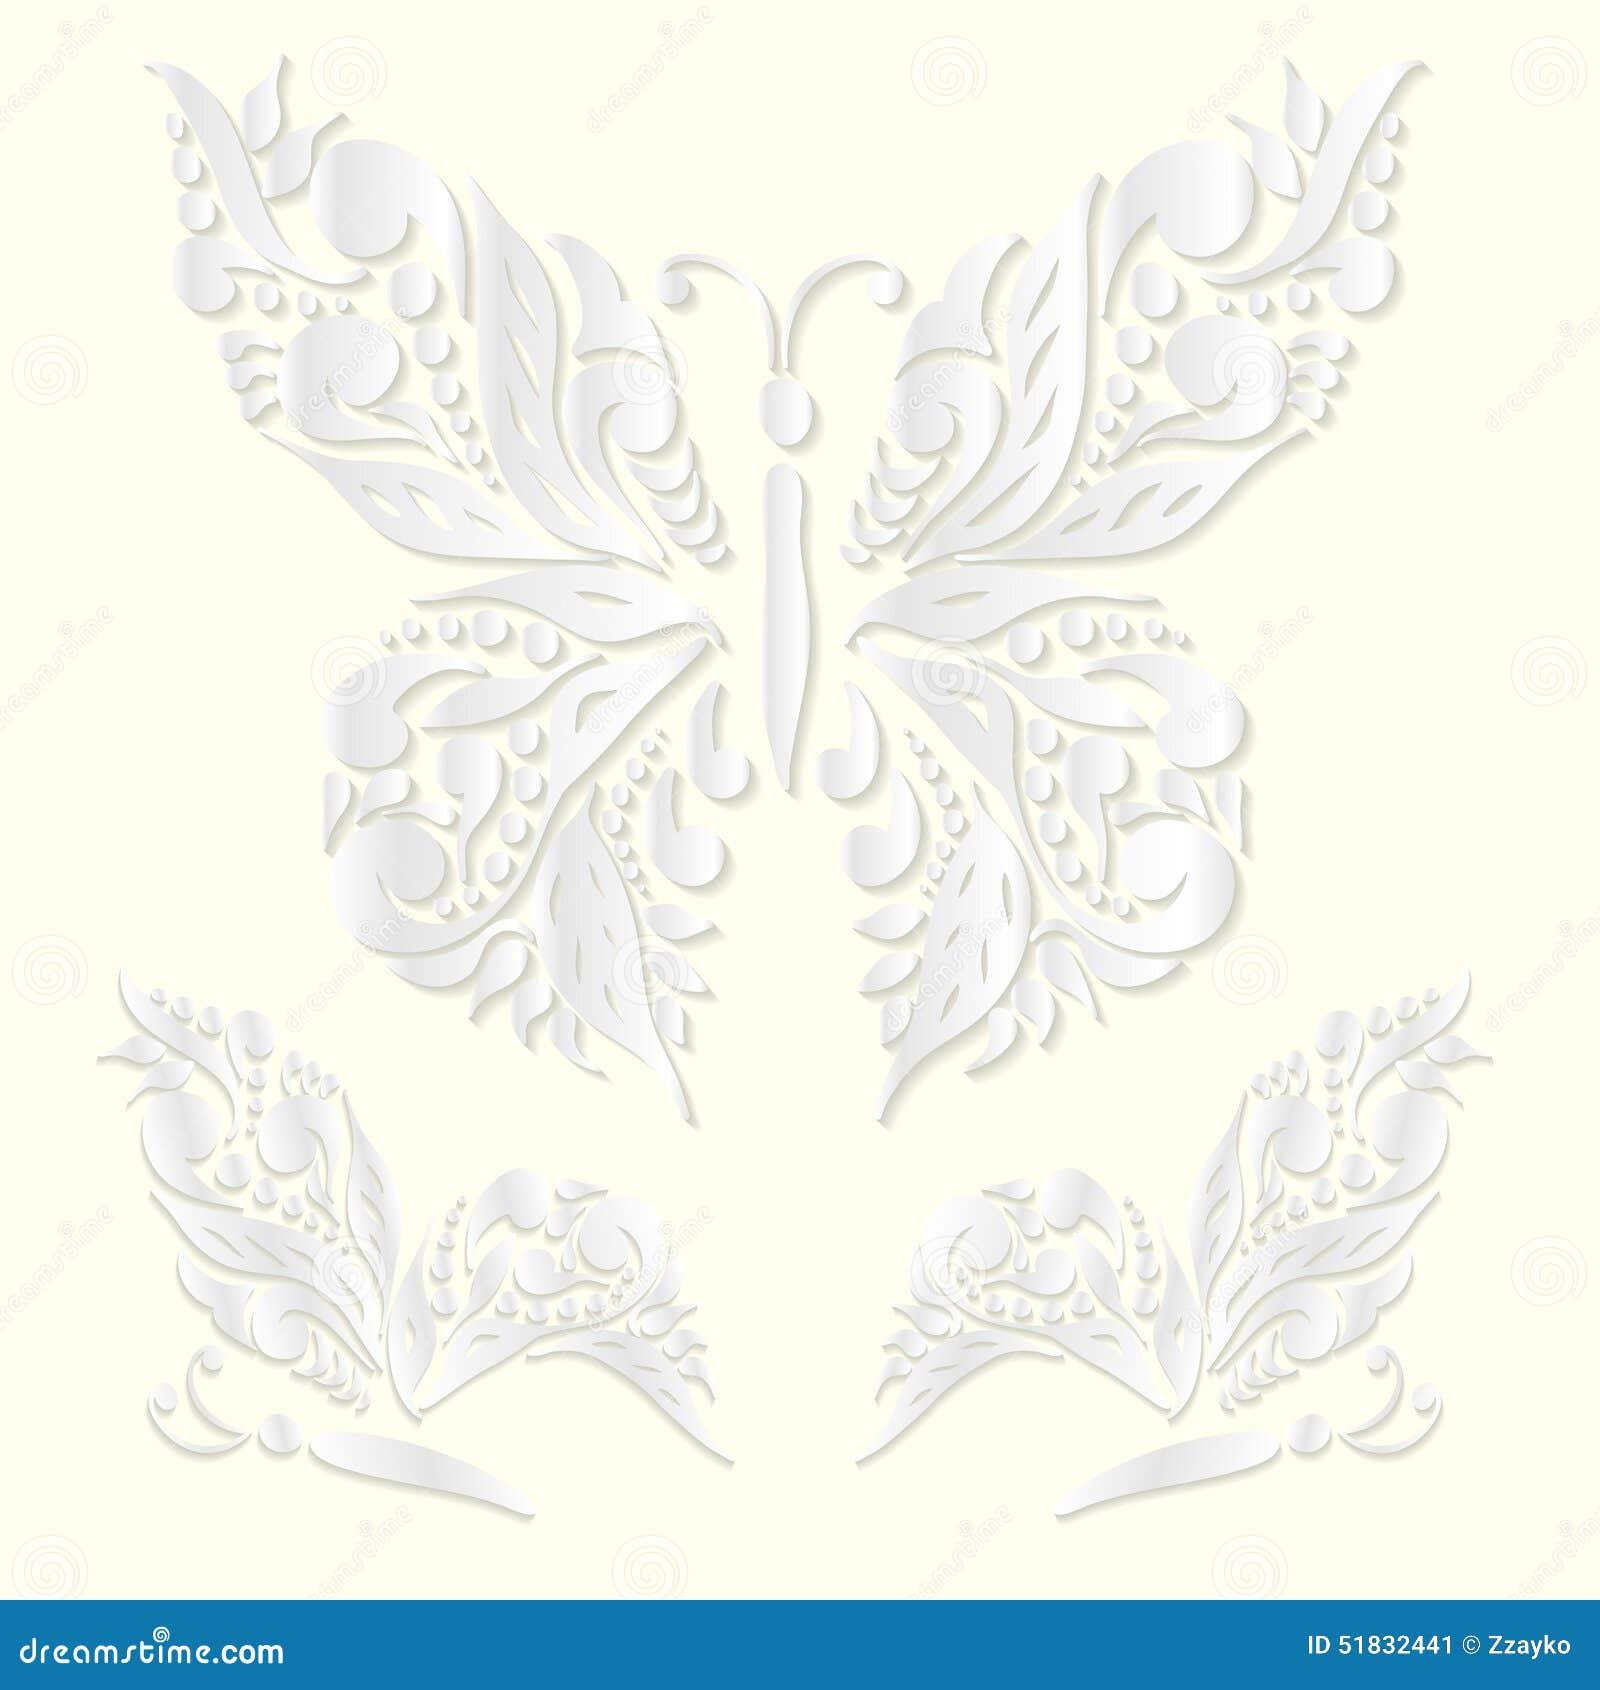 set of decorative vector butterflies cartoon vector